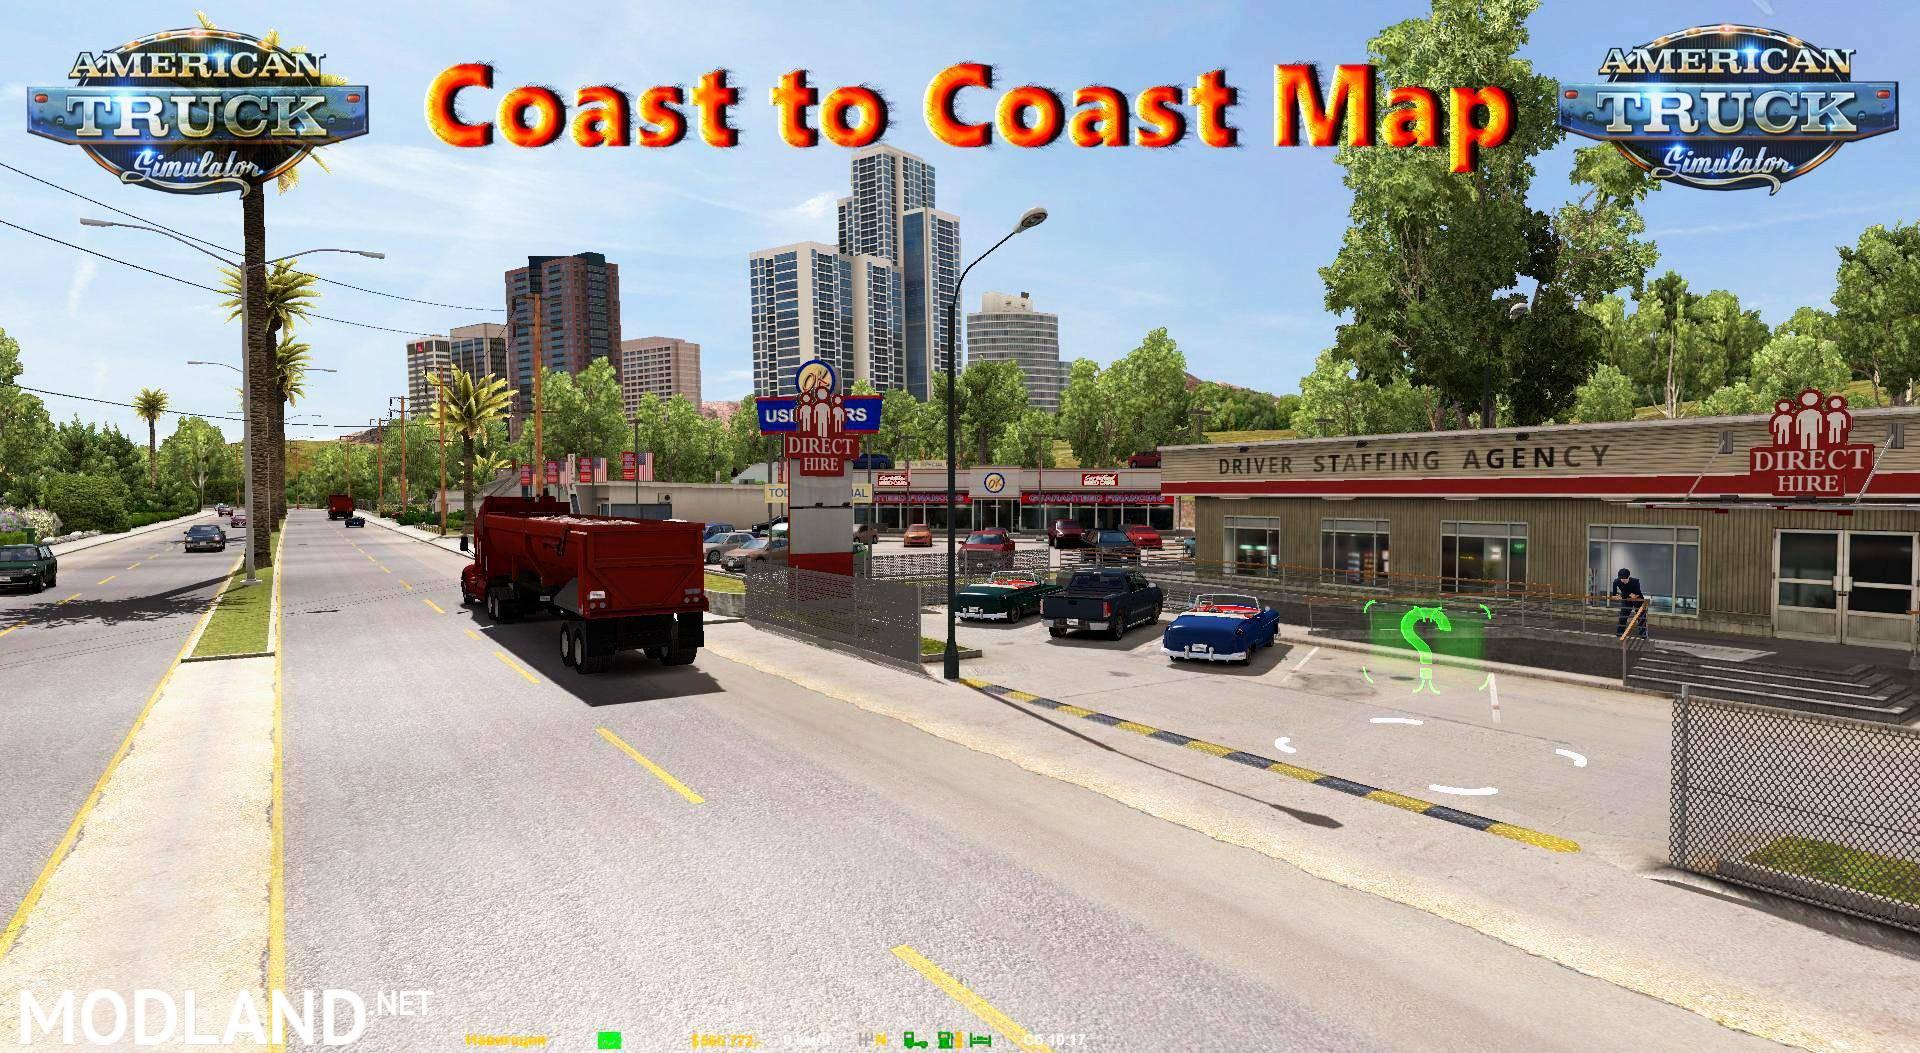 Coast to Coast Map v25 non DLC